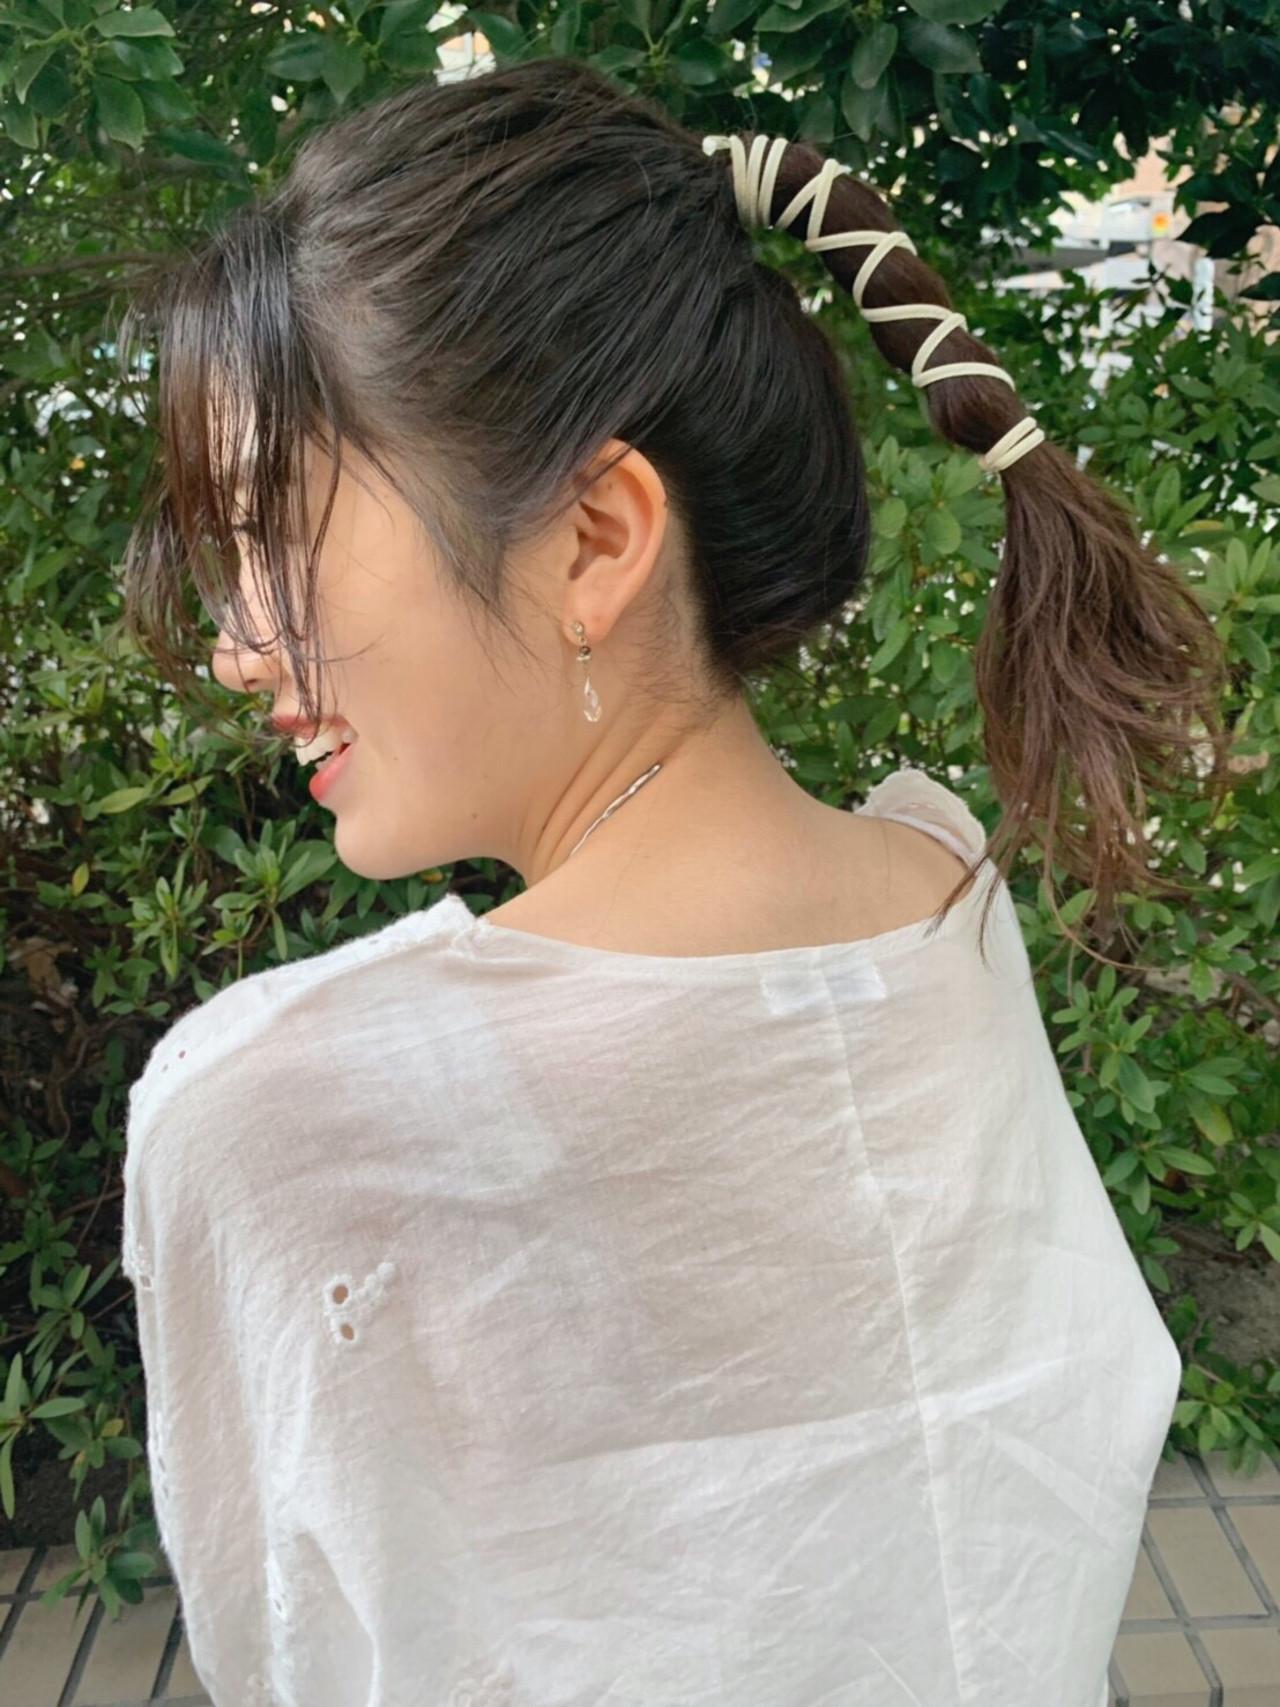 セルフヘアアレンジ デート グレージュ ガーリー ヘアスタイルや髪型の写真・画像